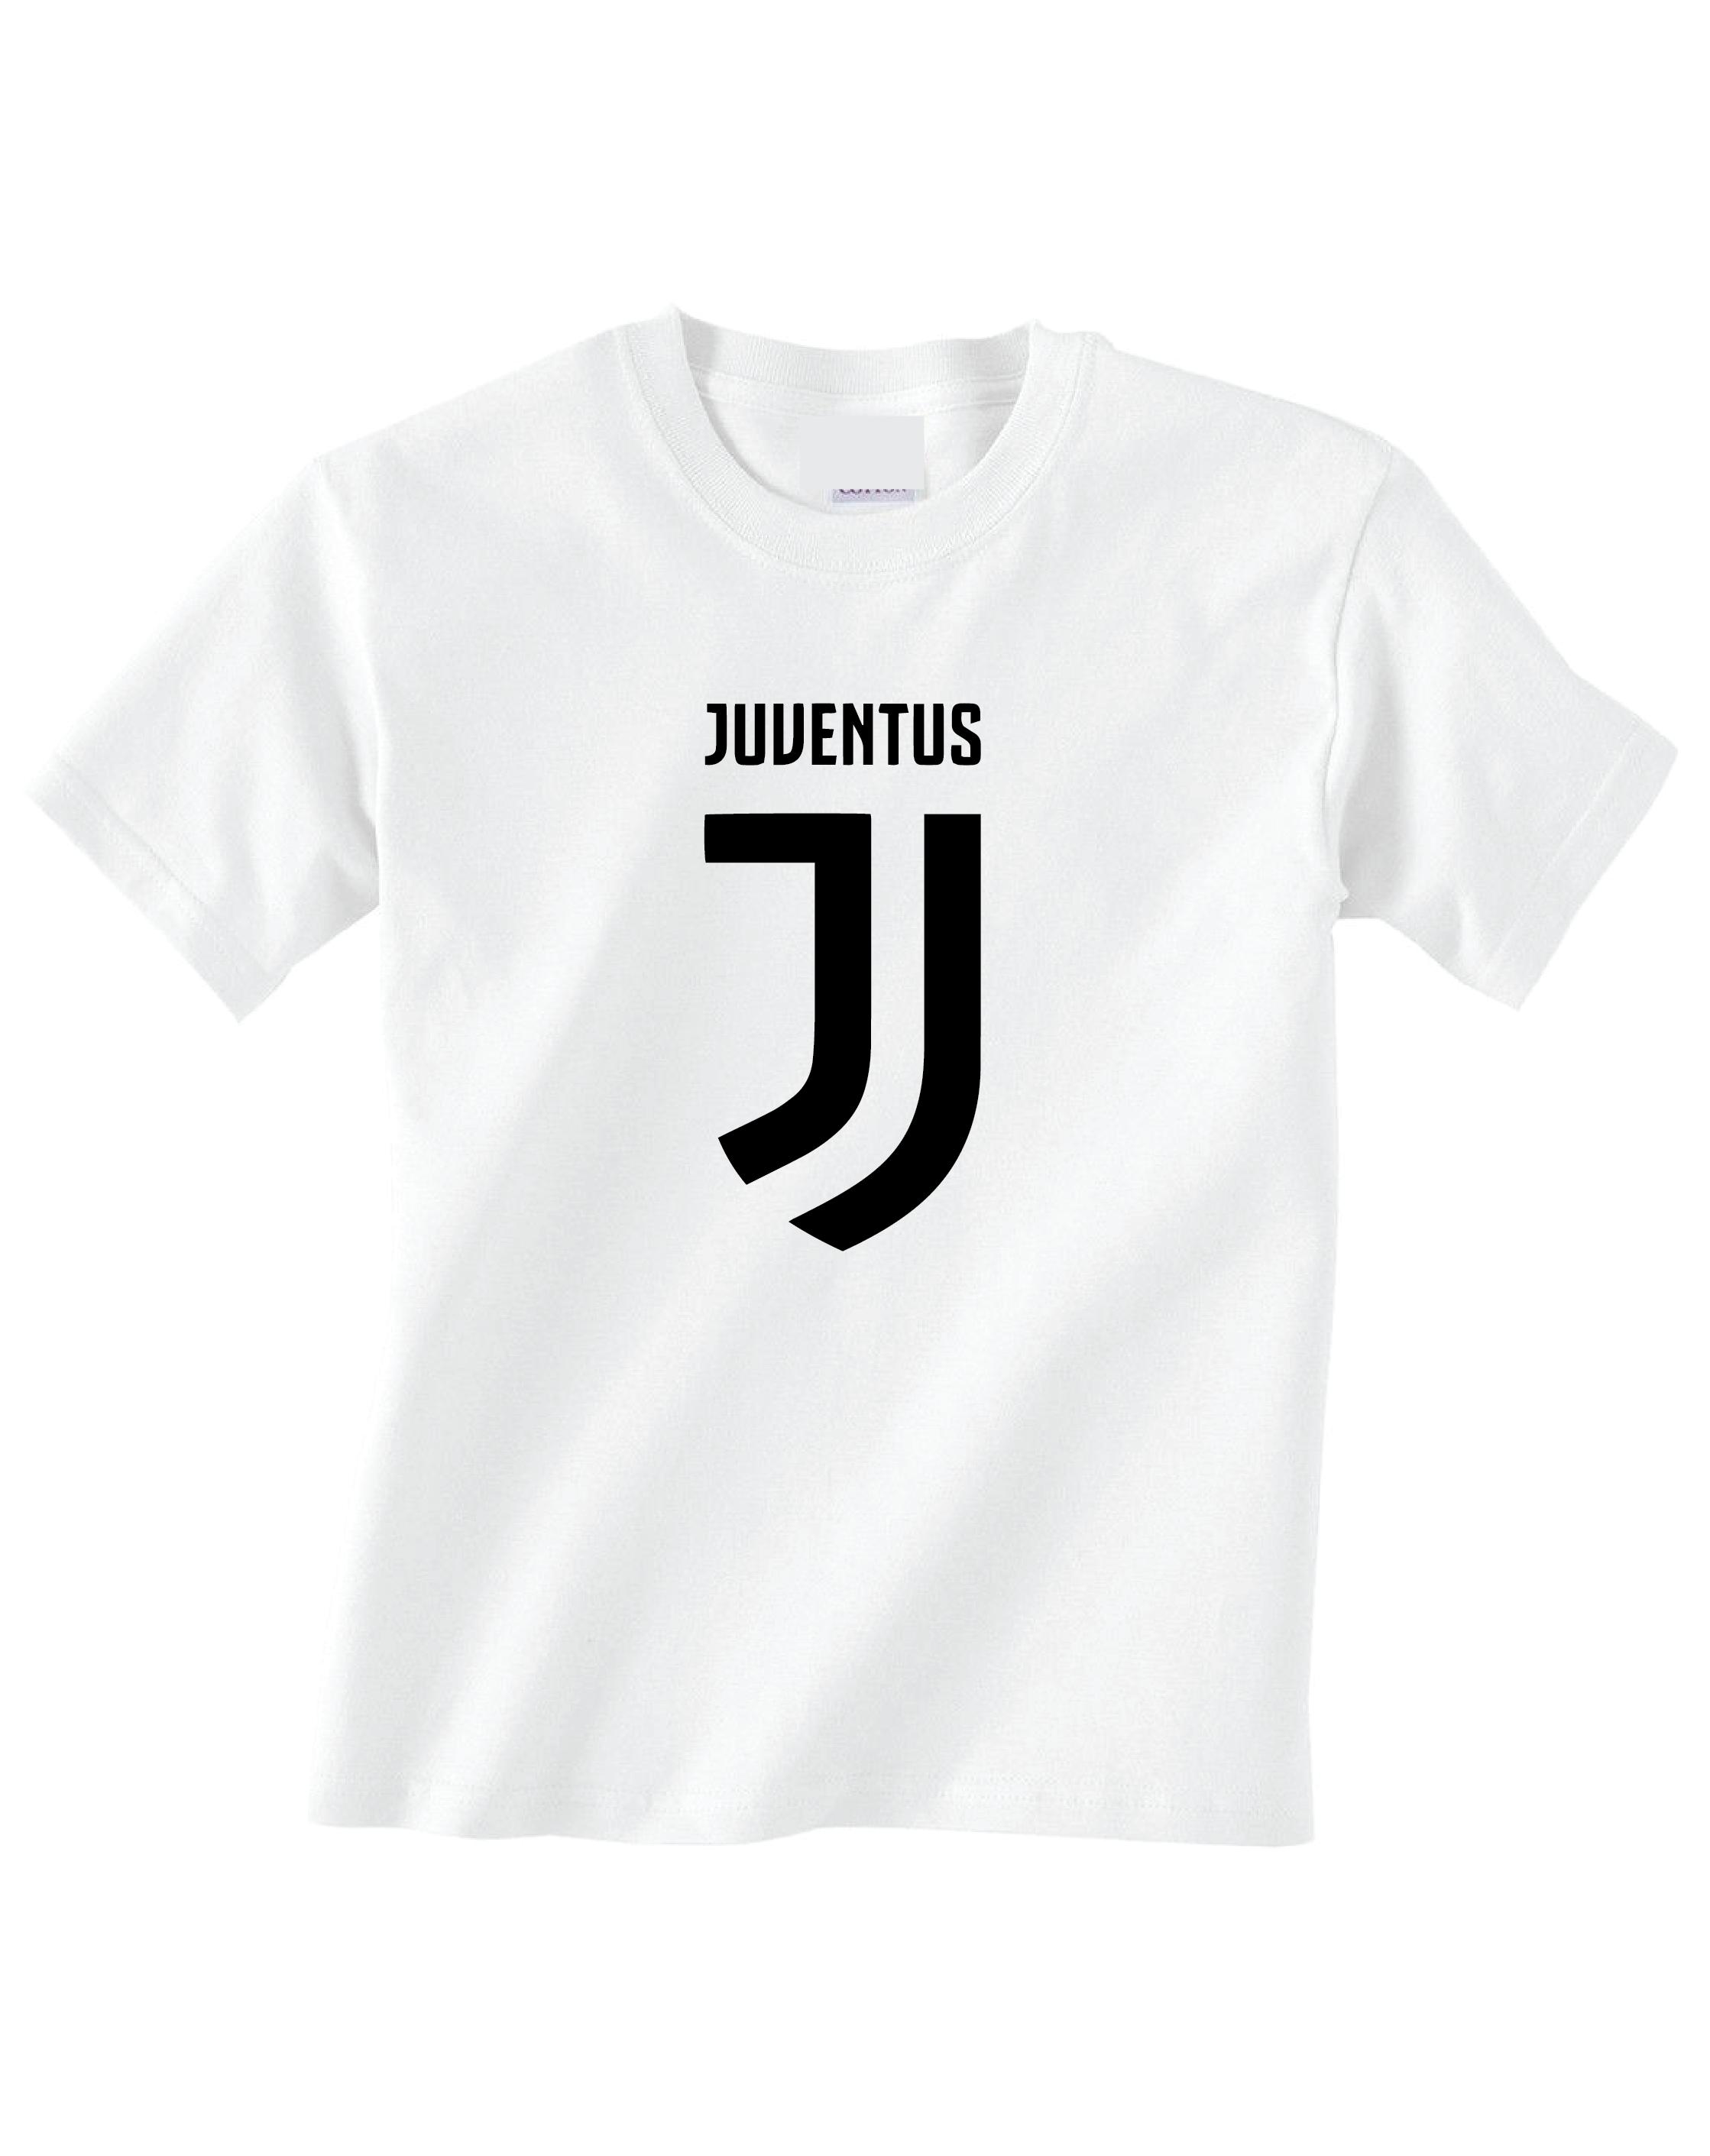 juventus logo shirt juventus logo shirt